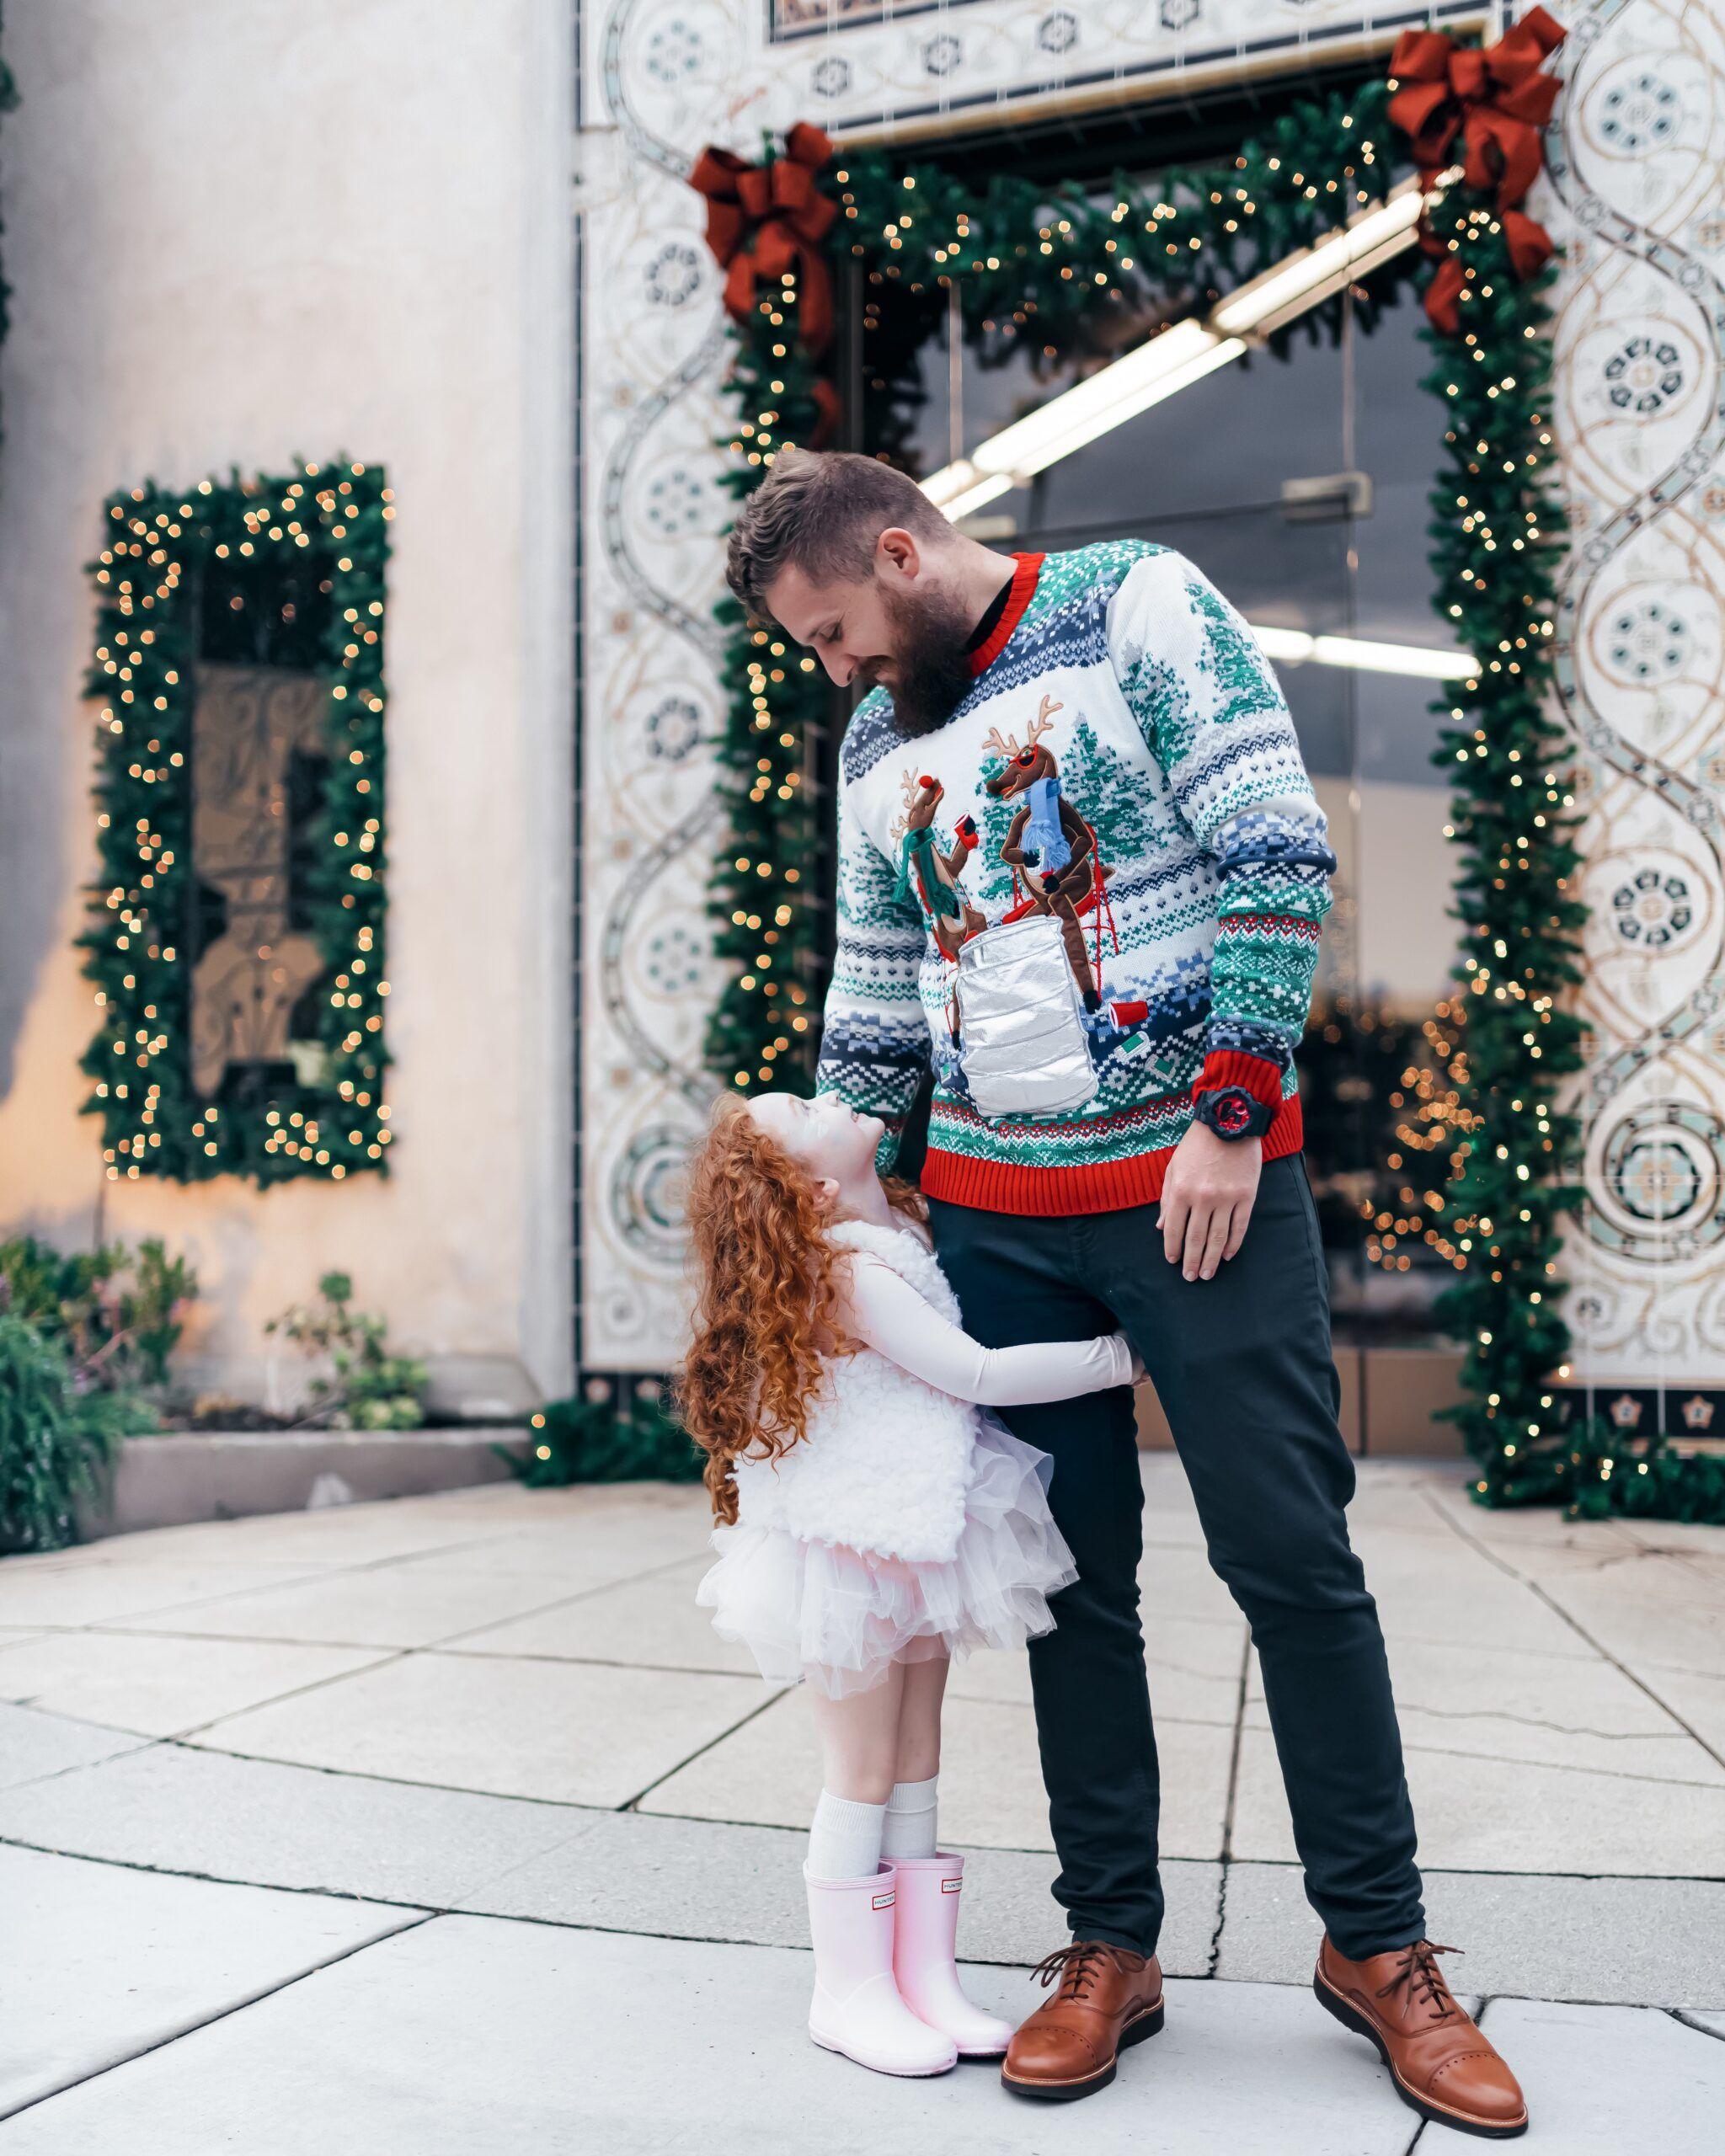 Trends For Men This Holiday Hello Celeste Trending Time Shop Dress Slacks